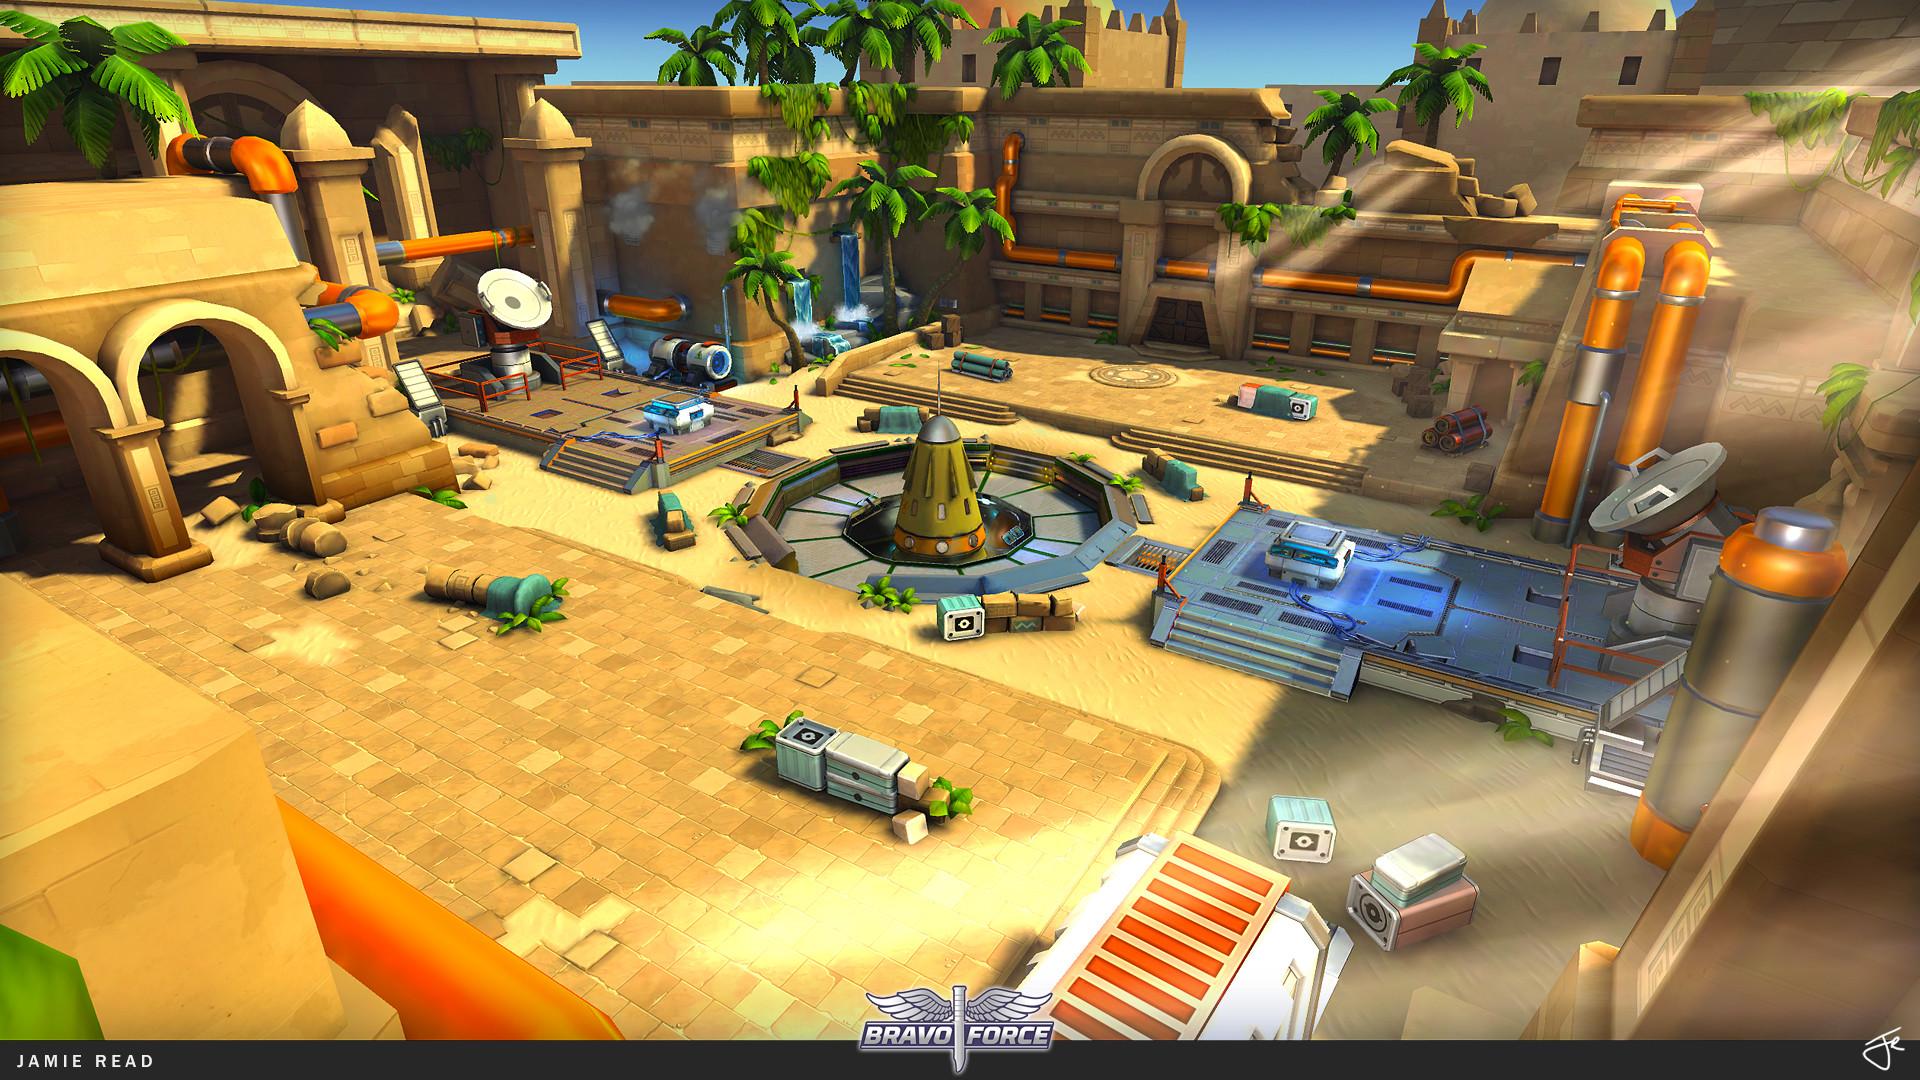 Jamie rex portfolio bravoforce arena egypt 01